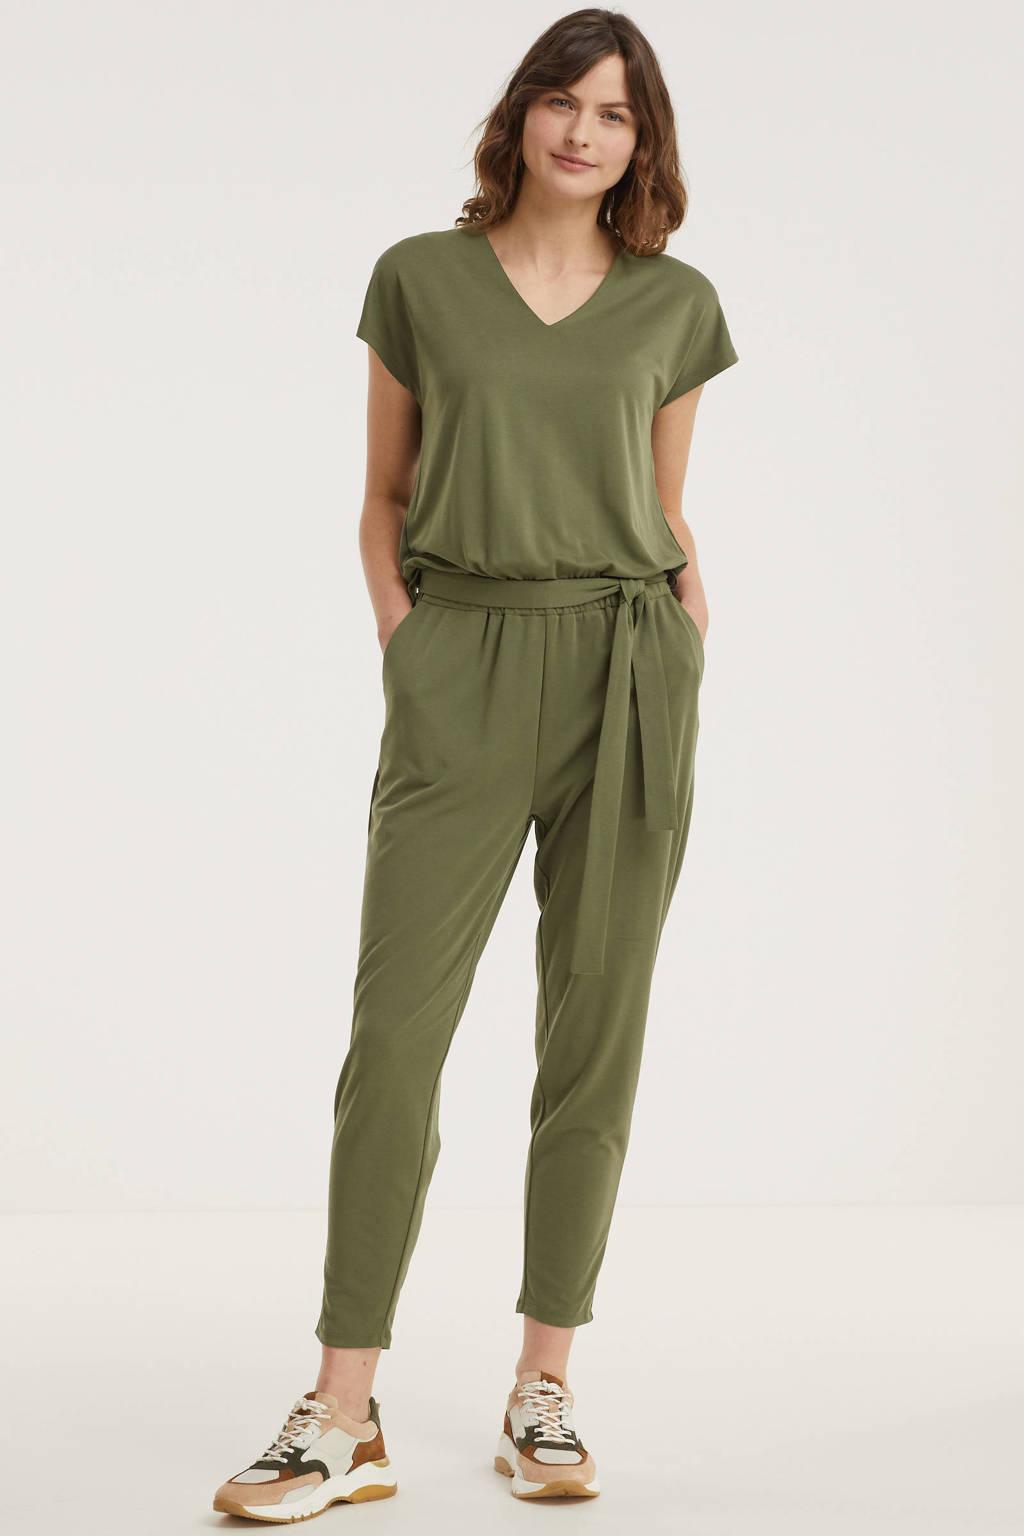 FREEQUENT jumpsuit FQYR-JU groen, Groen